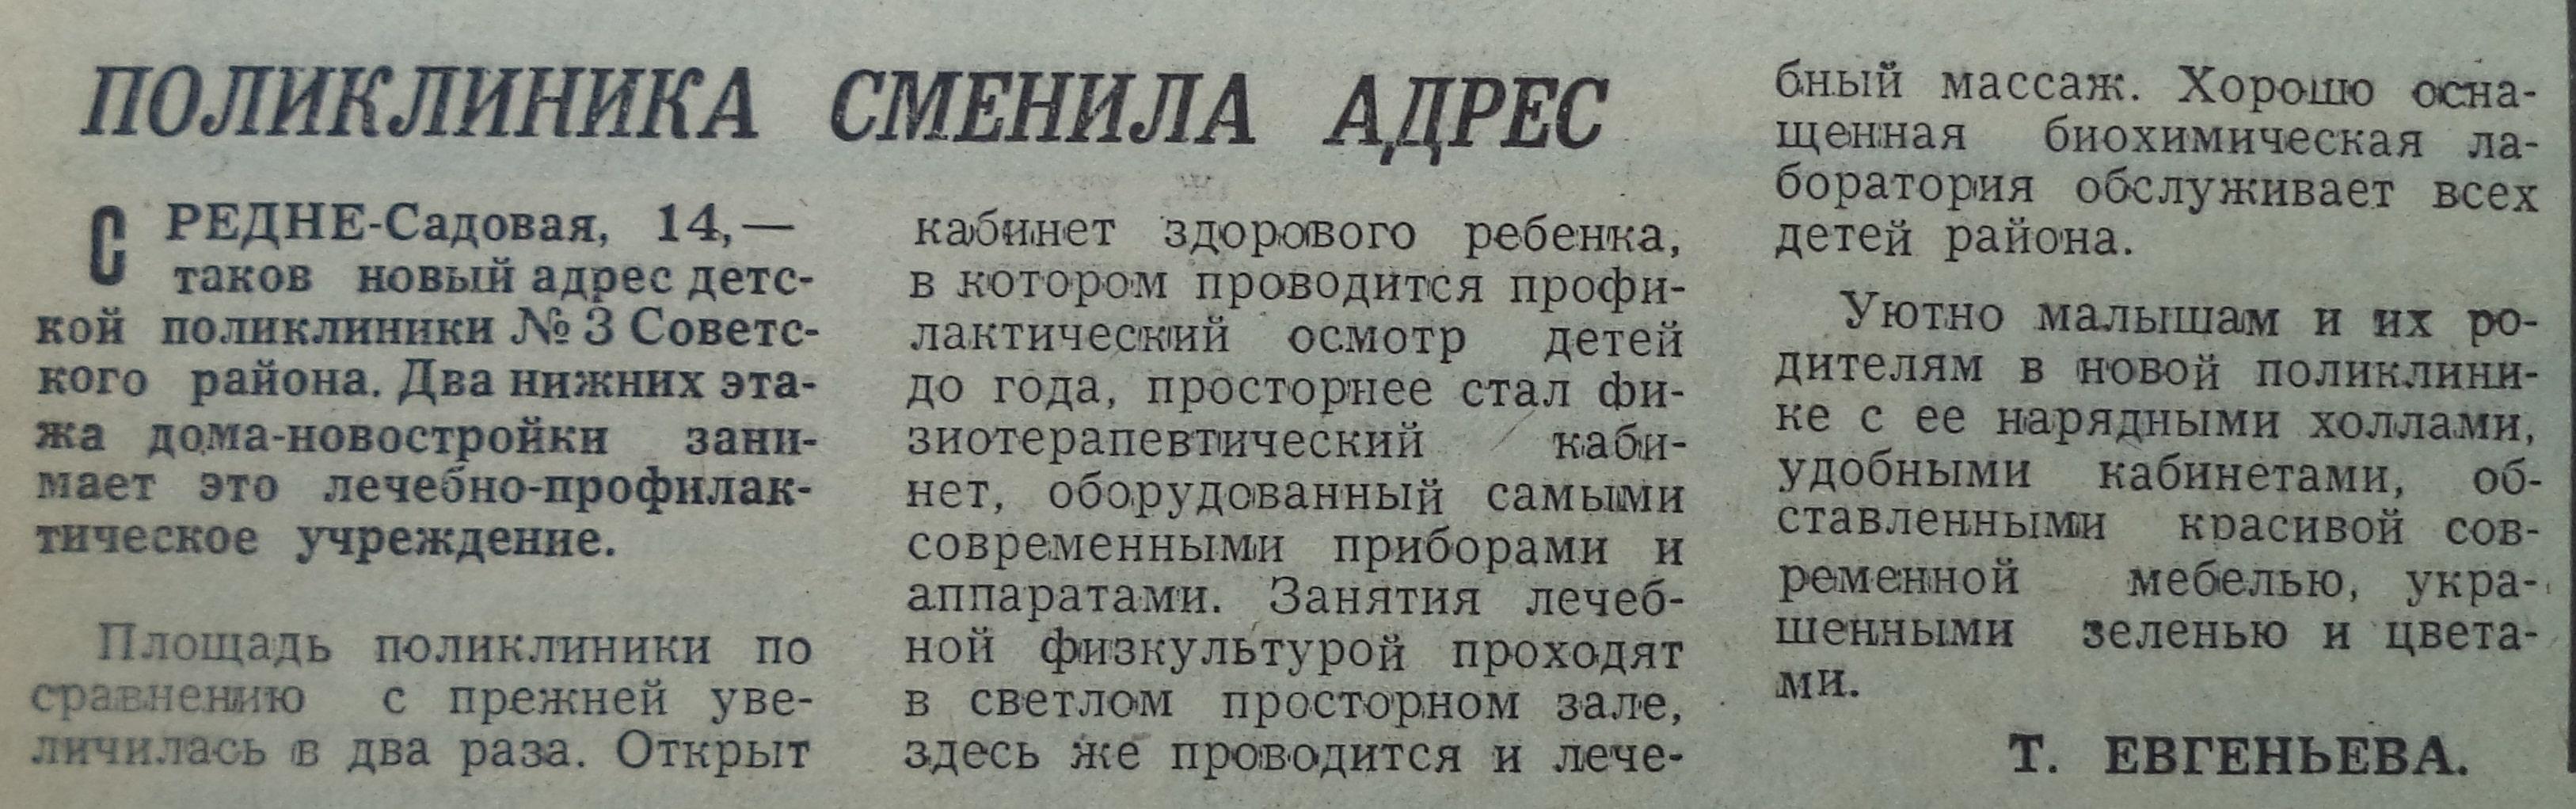 Средне-Садовая-ФОТО-45-ВЗя-1982-05-28-дет. поликл. на СрСад.-14-min